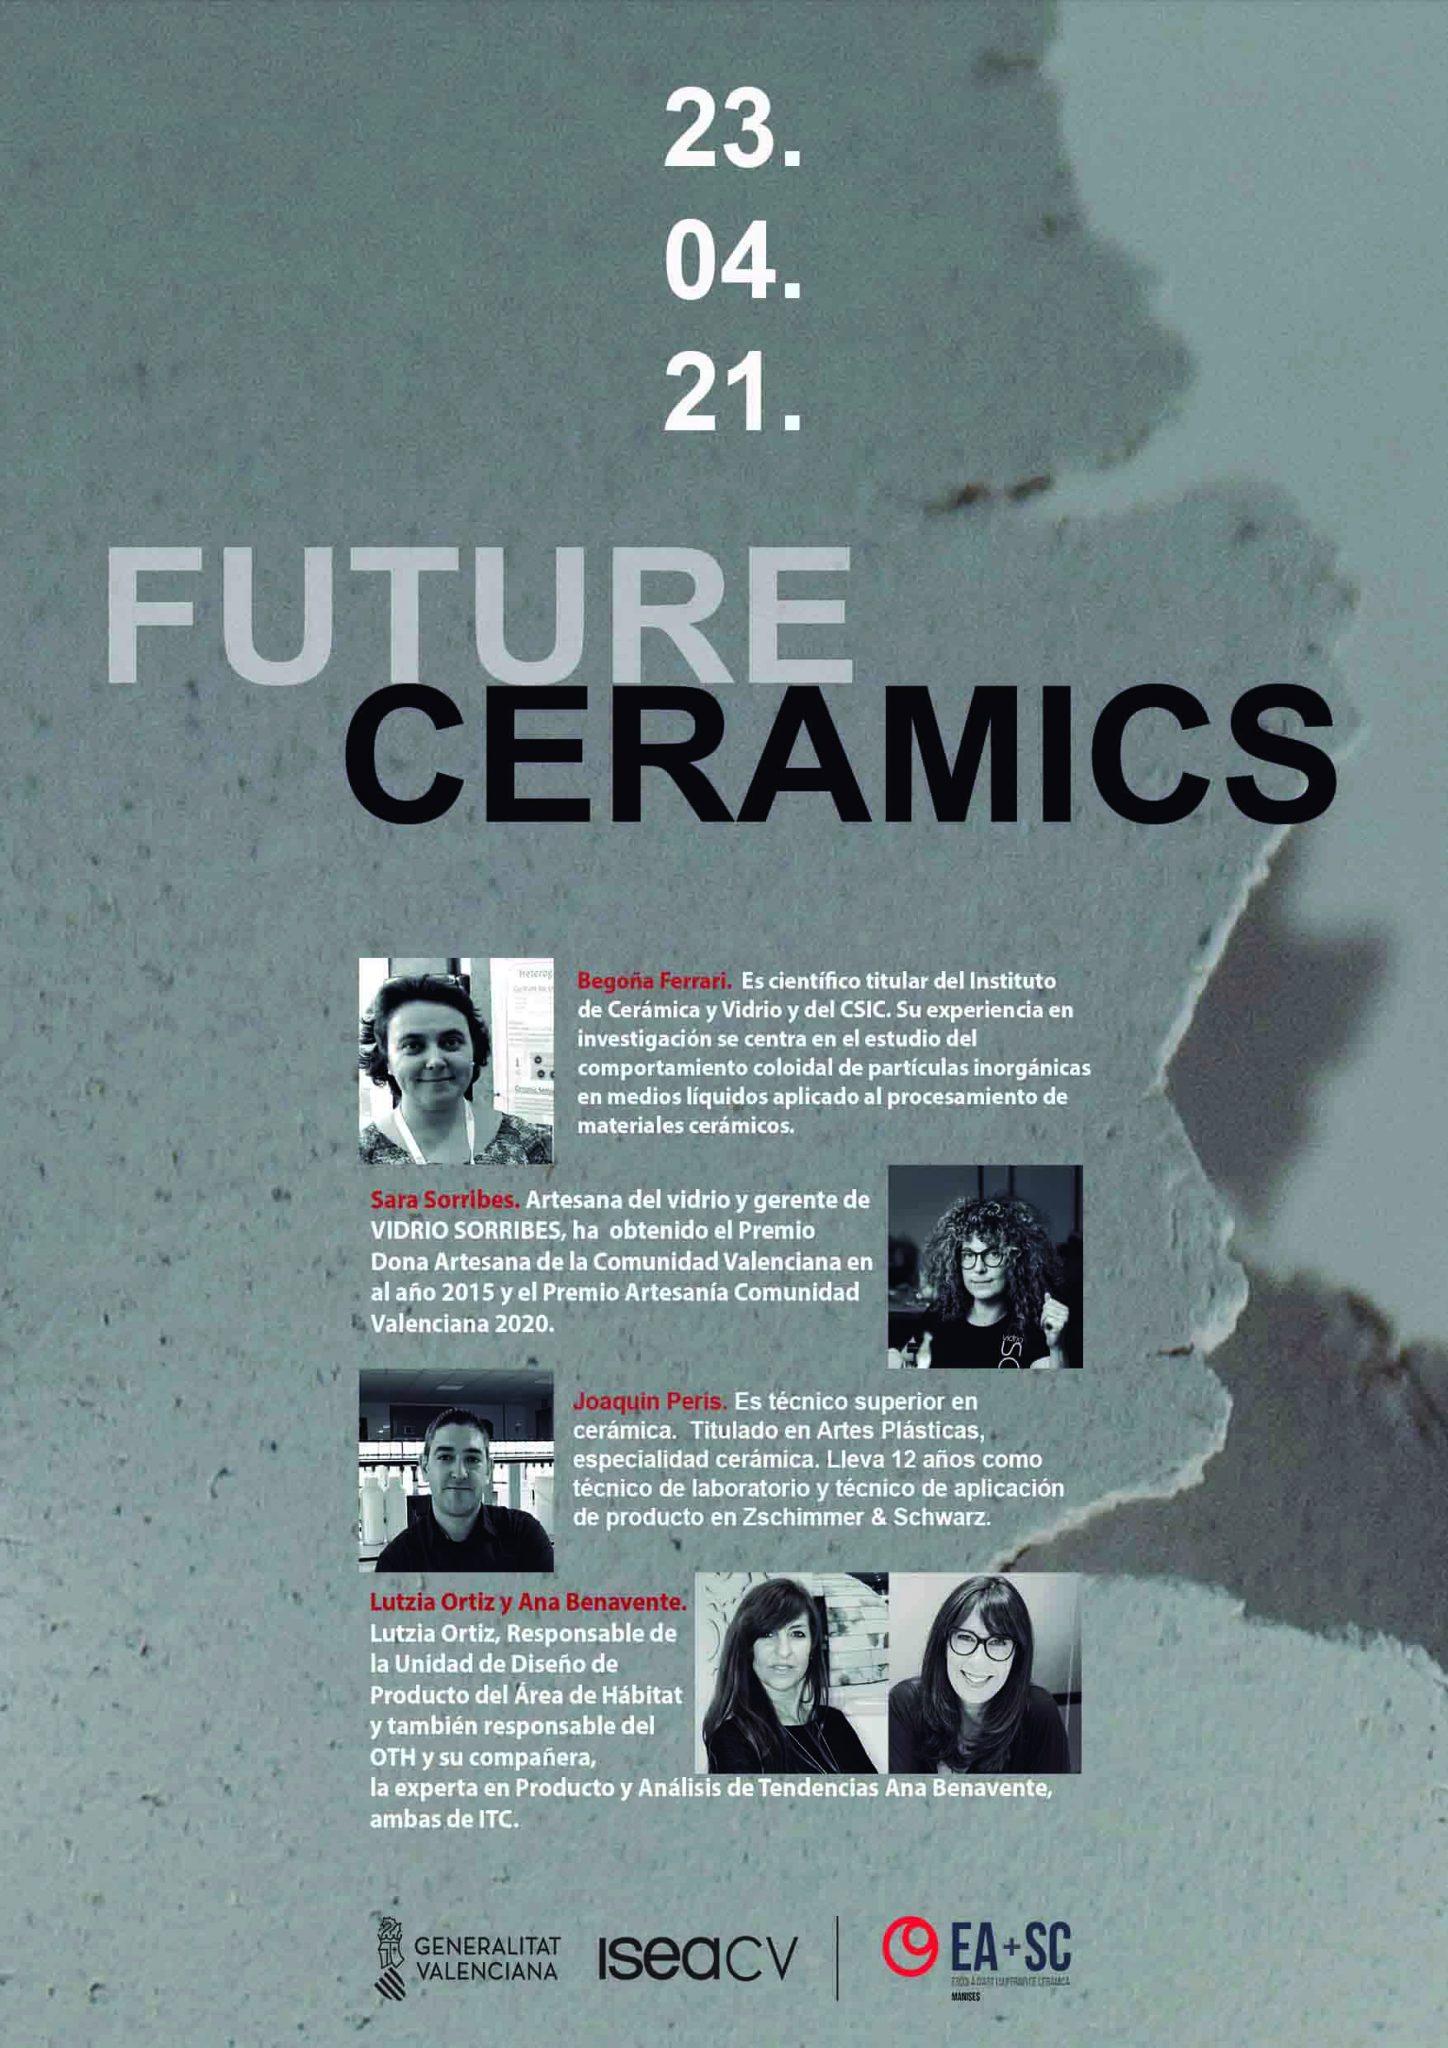 Escola dArt i Superior de Ceràmica » FUTURE CERAMICS 2021